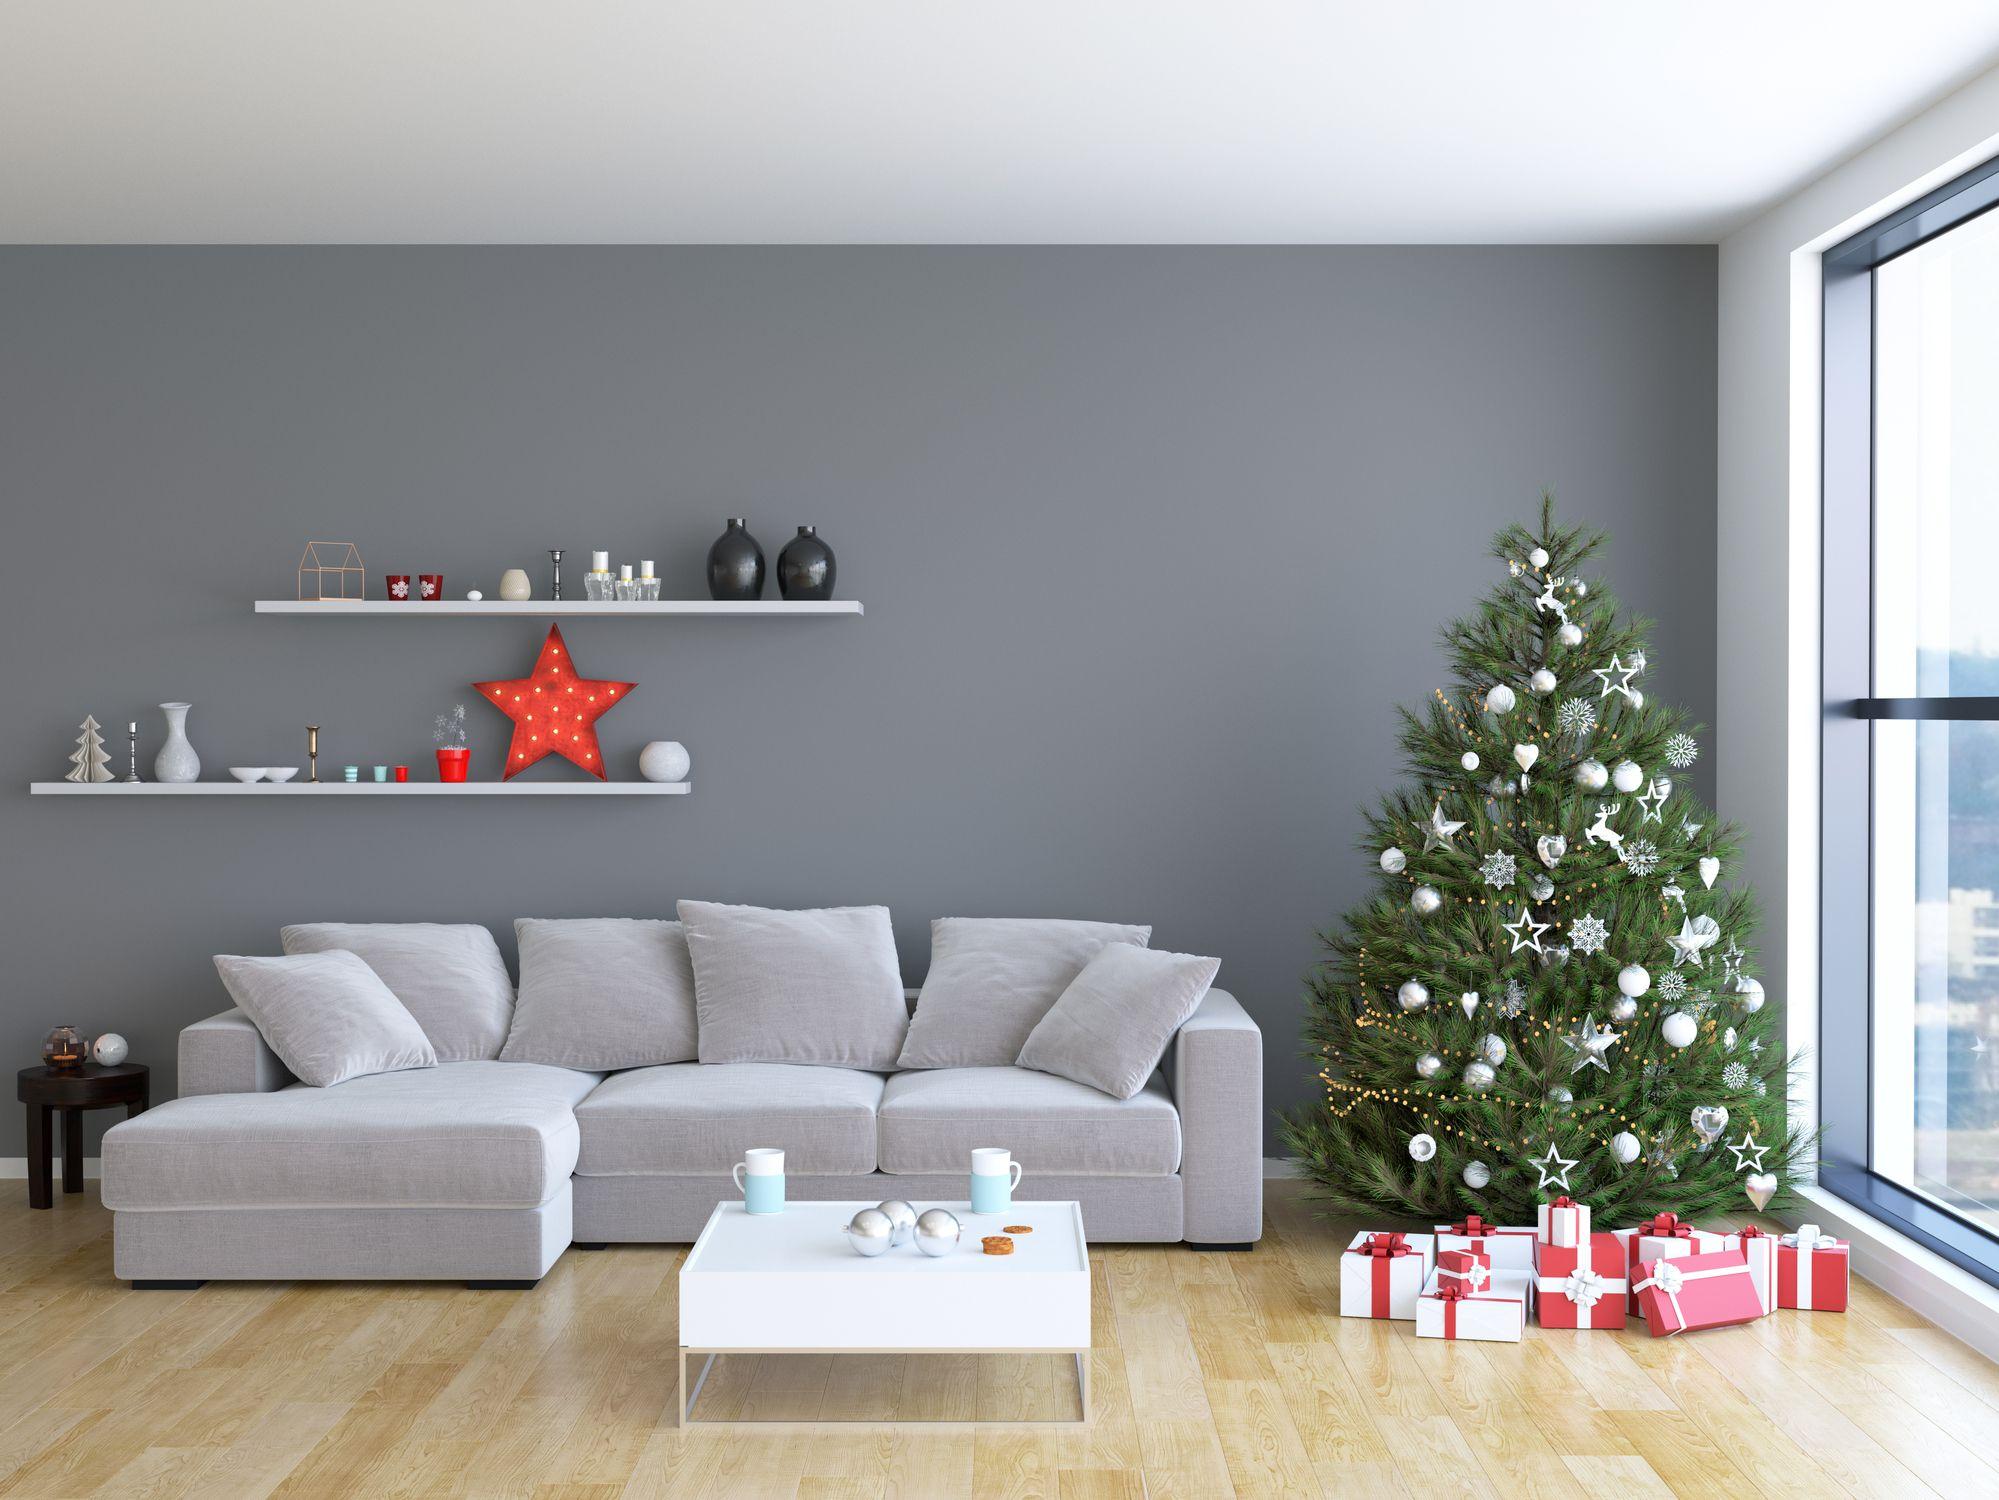 Christmas Livingroom Interior